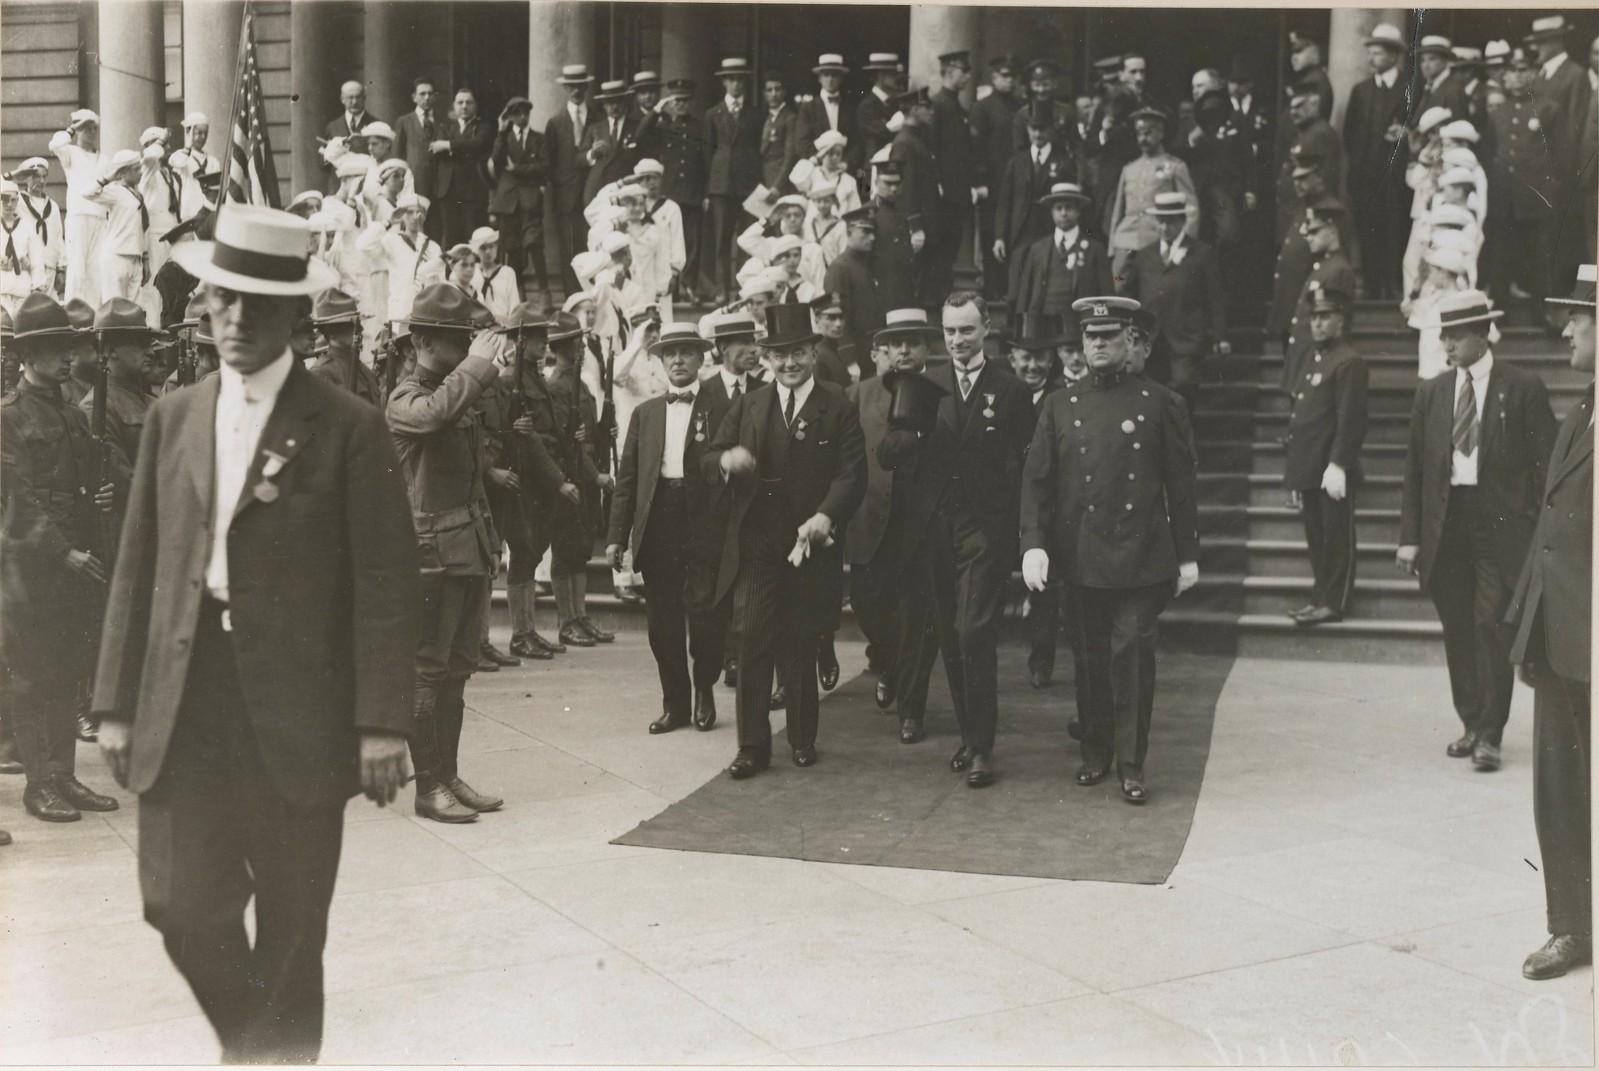 08. Посол Борис Бахметьев и мэр Митчелл покидают мэрию, где была официально принята делегация военной комиссии